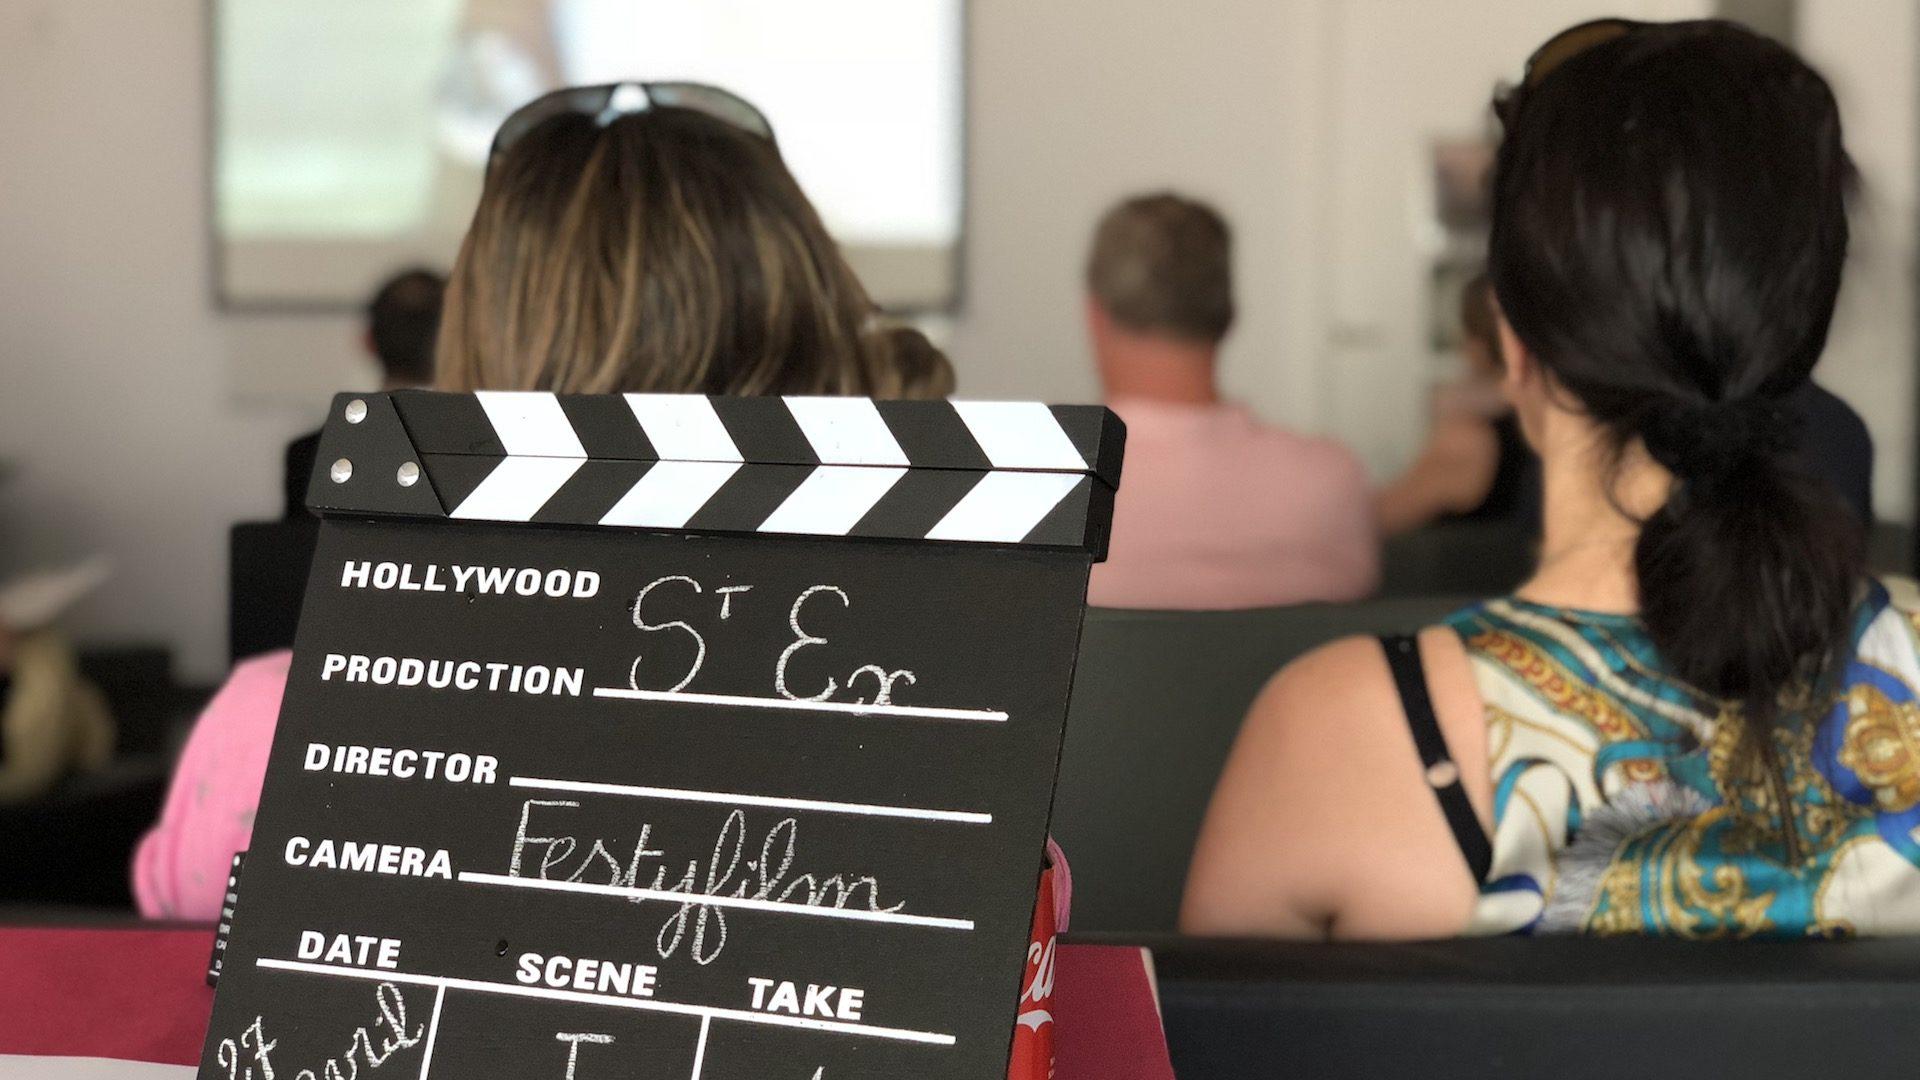 Festyfilm